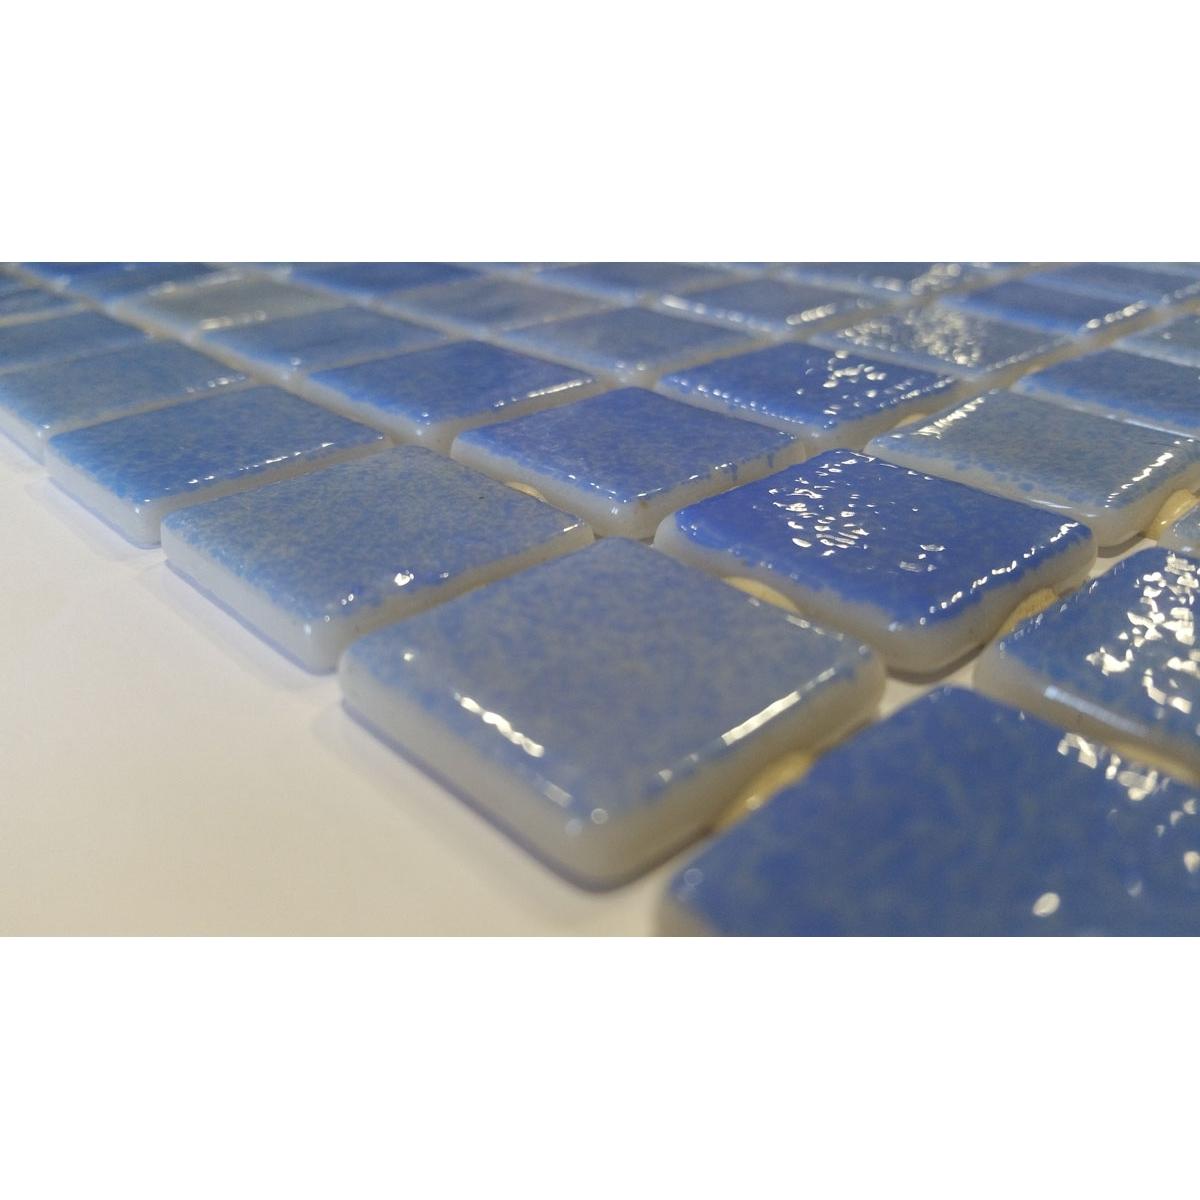 Revestimiento decorativo 110 azul niebla para fachadas, baños y piscina Vidrepur